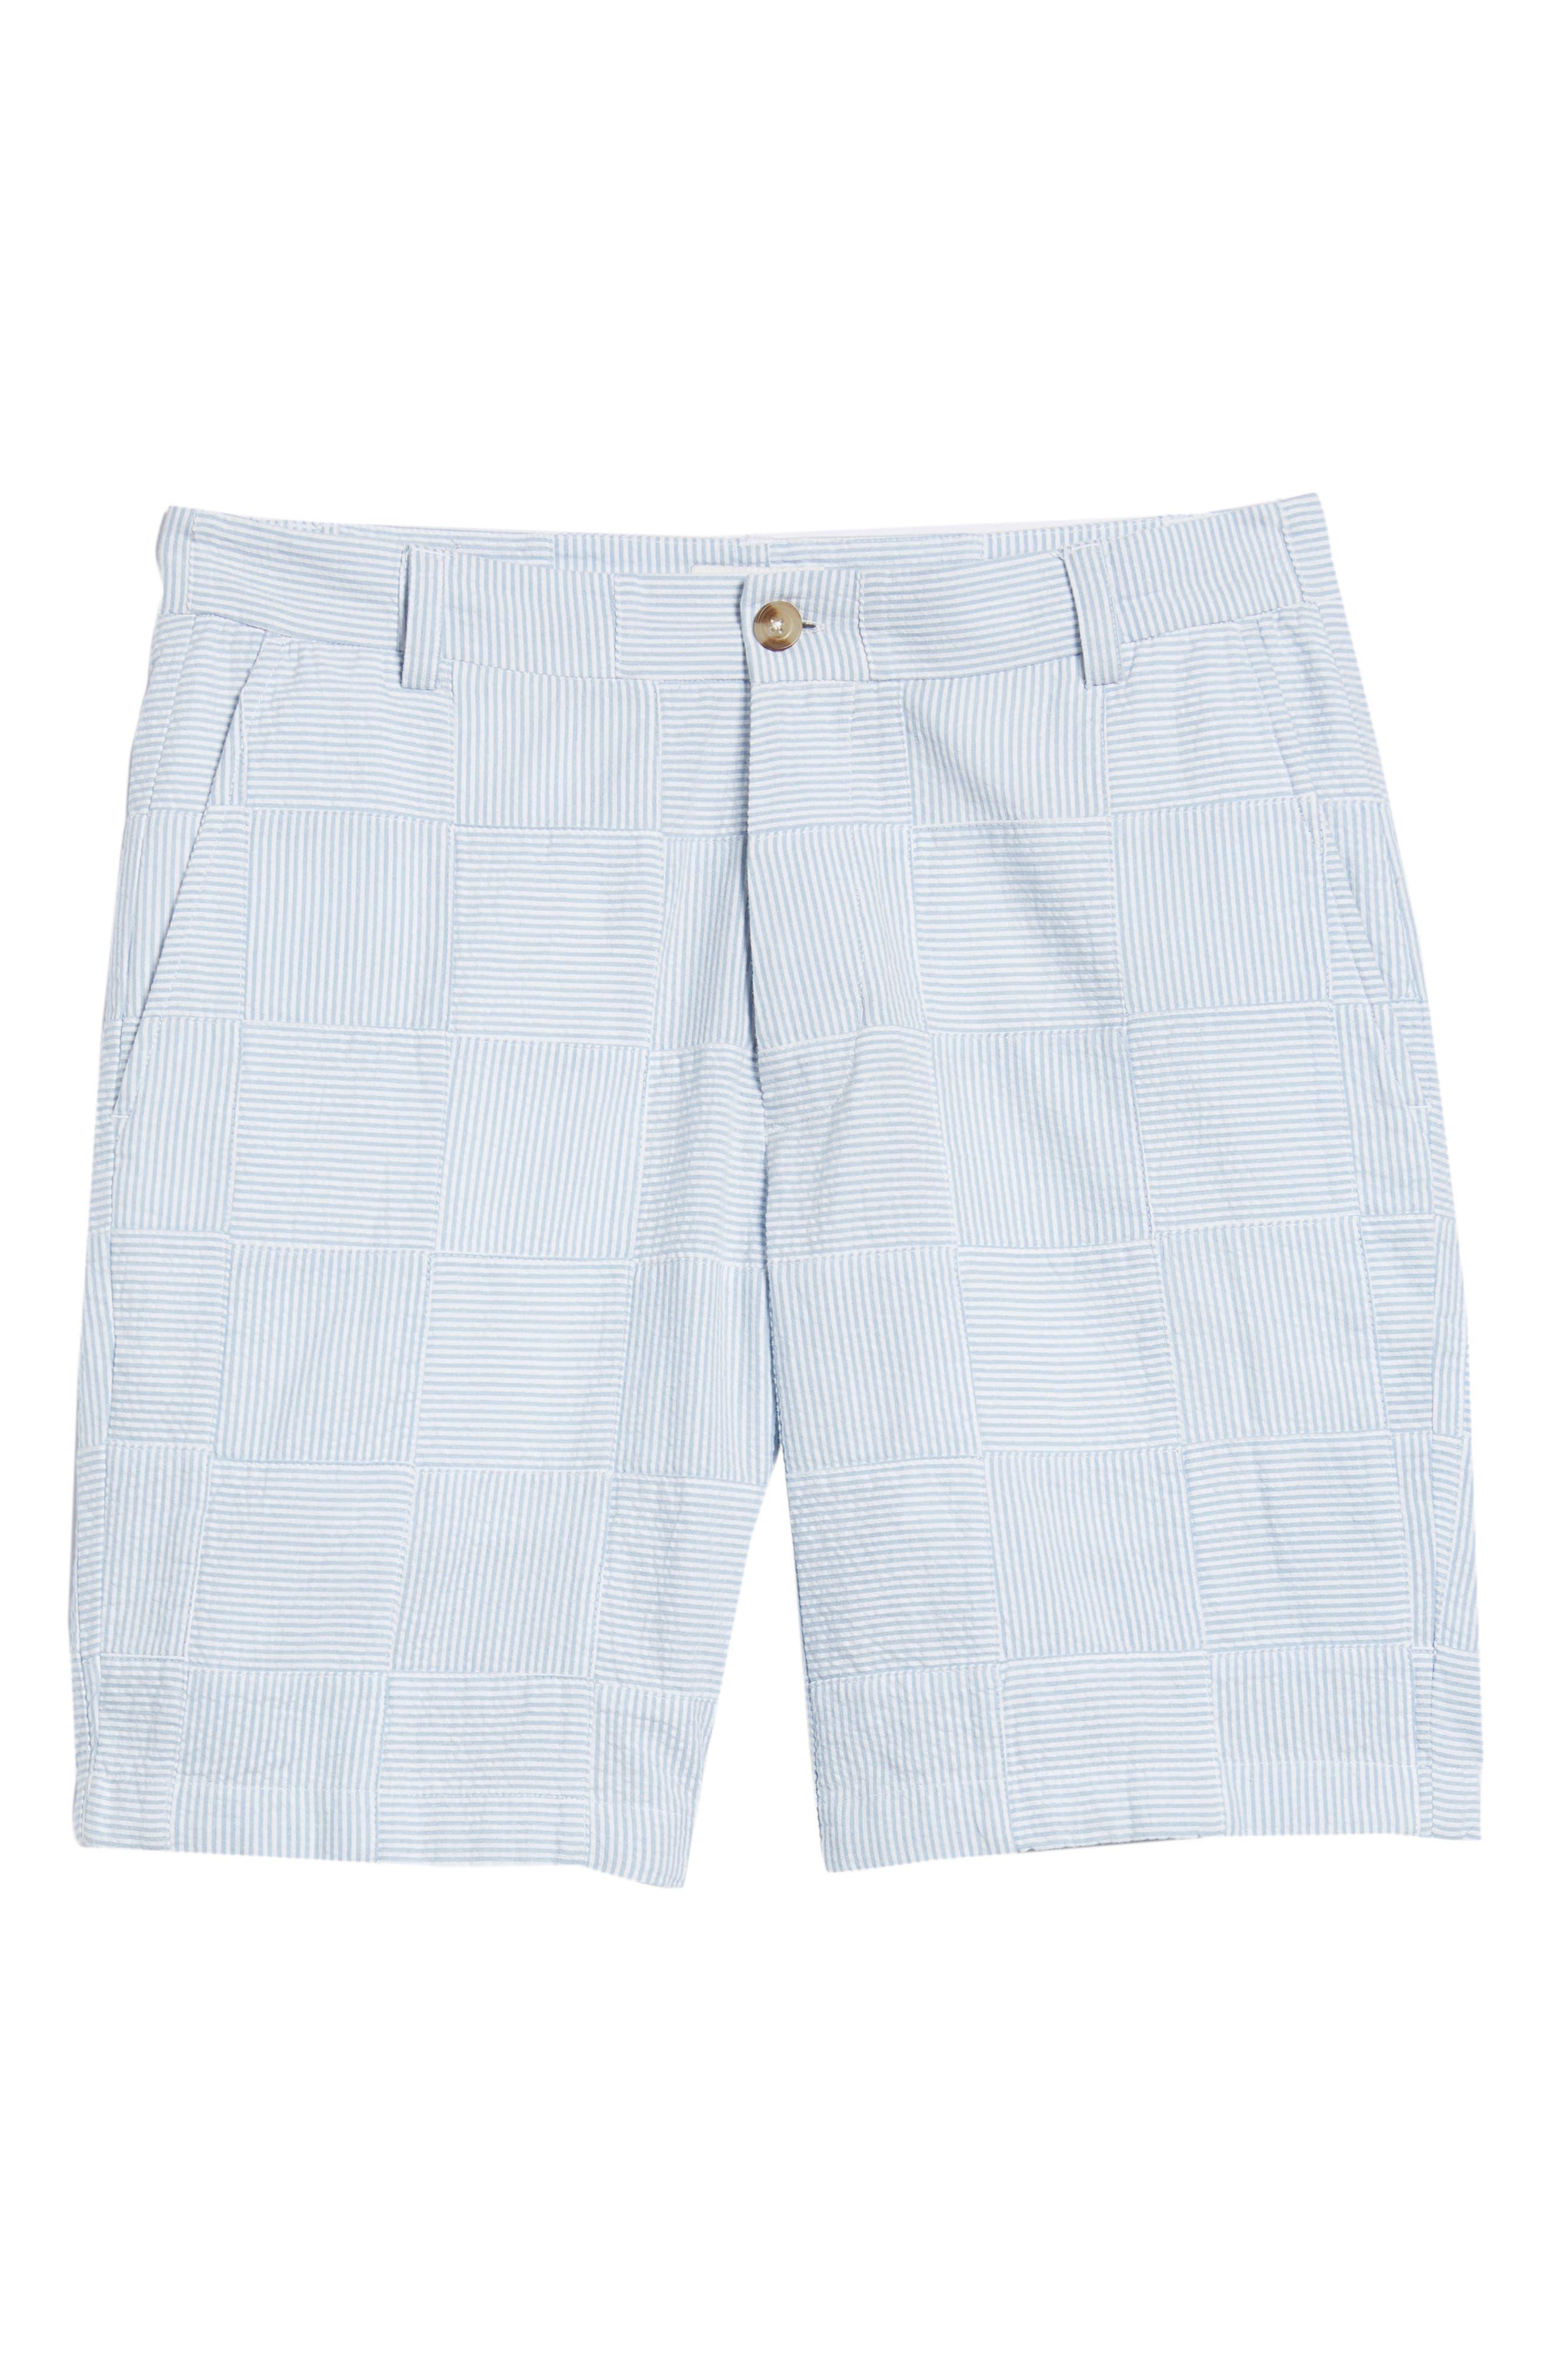 Patchwork Seersucker Breaker Shorts,                             Alternate thumbnail 6, color,                             Ocean Breeze